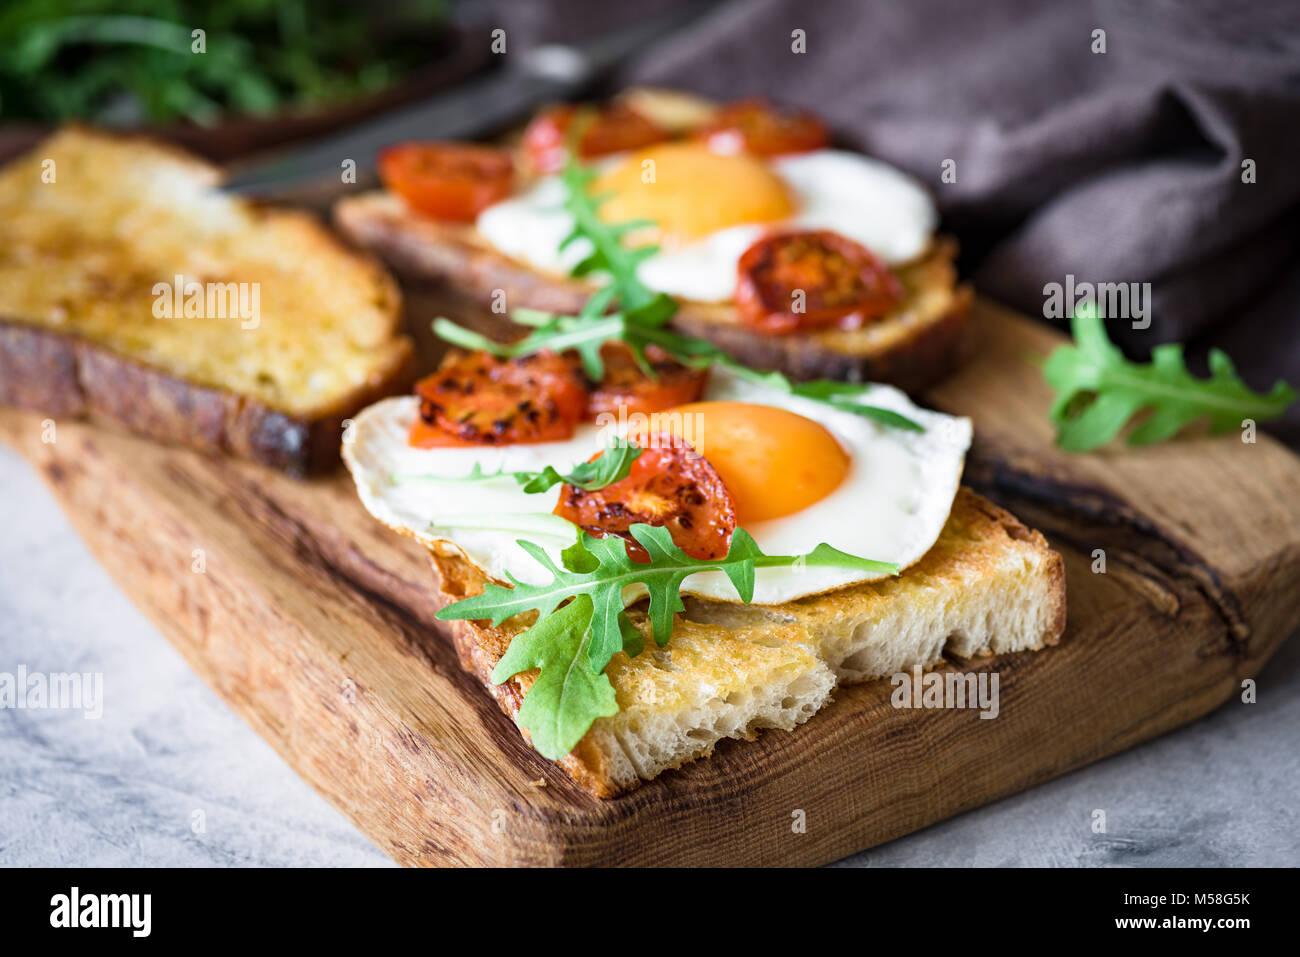 Desayuno saludable tostadas con huevo asado, tomate y rúcula sobre la tabla de cortar de madera rústica. Imagen De Stock